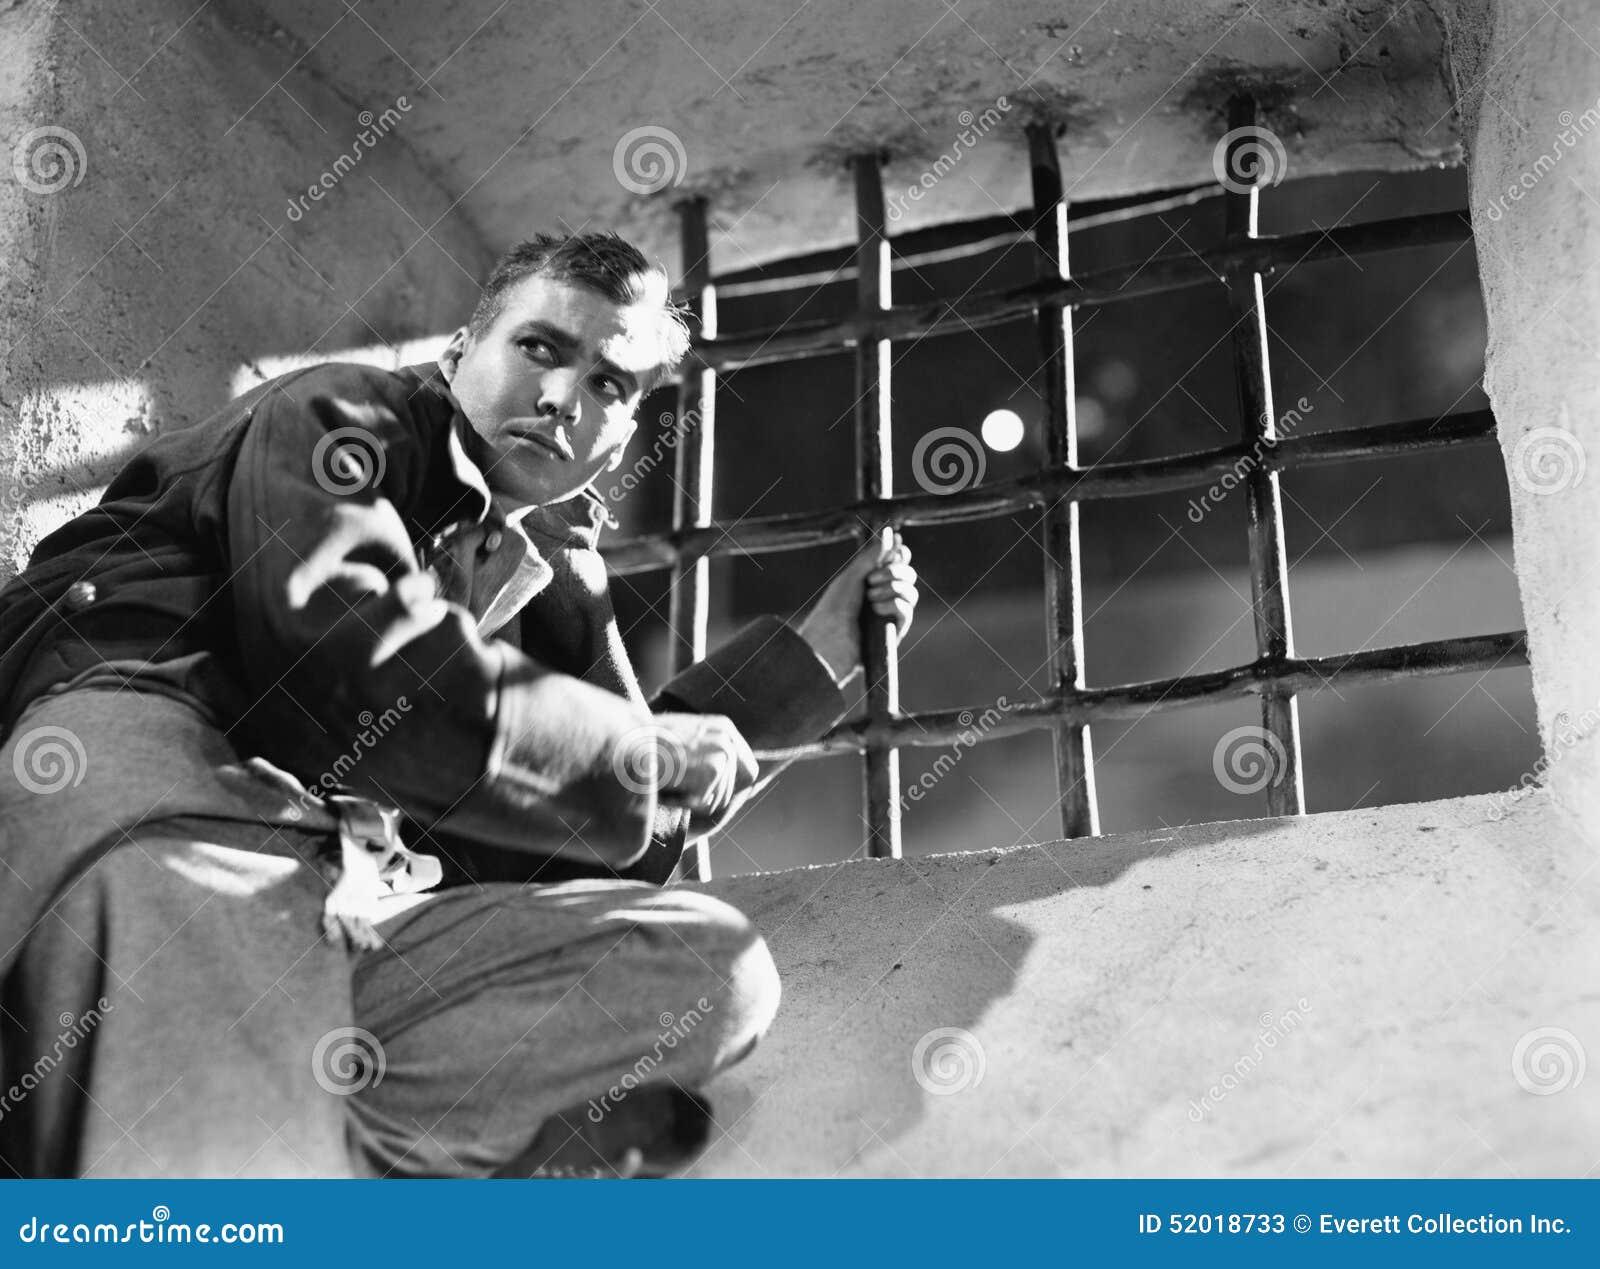 Vue d angle faible d un jeune homme essayant de s échapper d une cellule de prison (toutes les personnes représentées ne sont pas